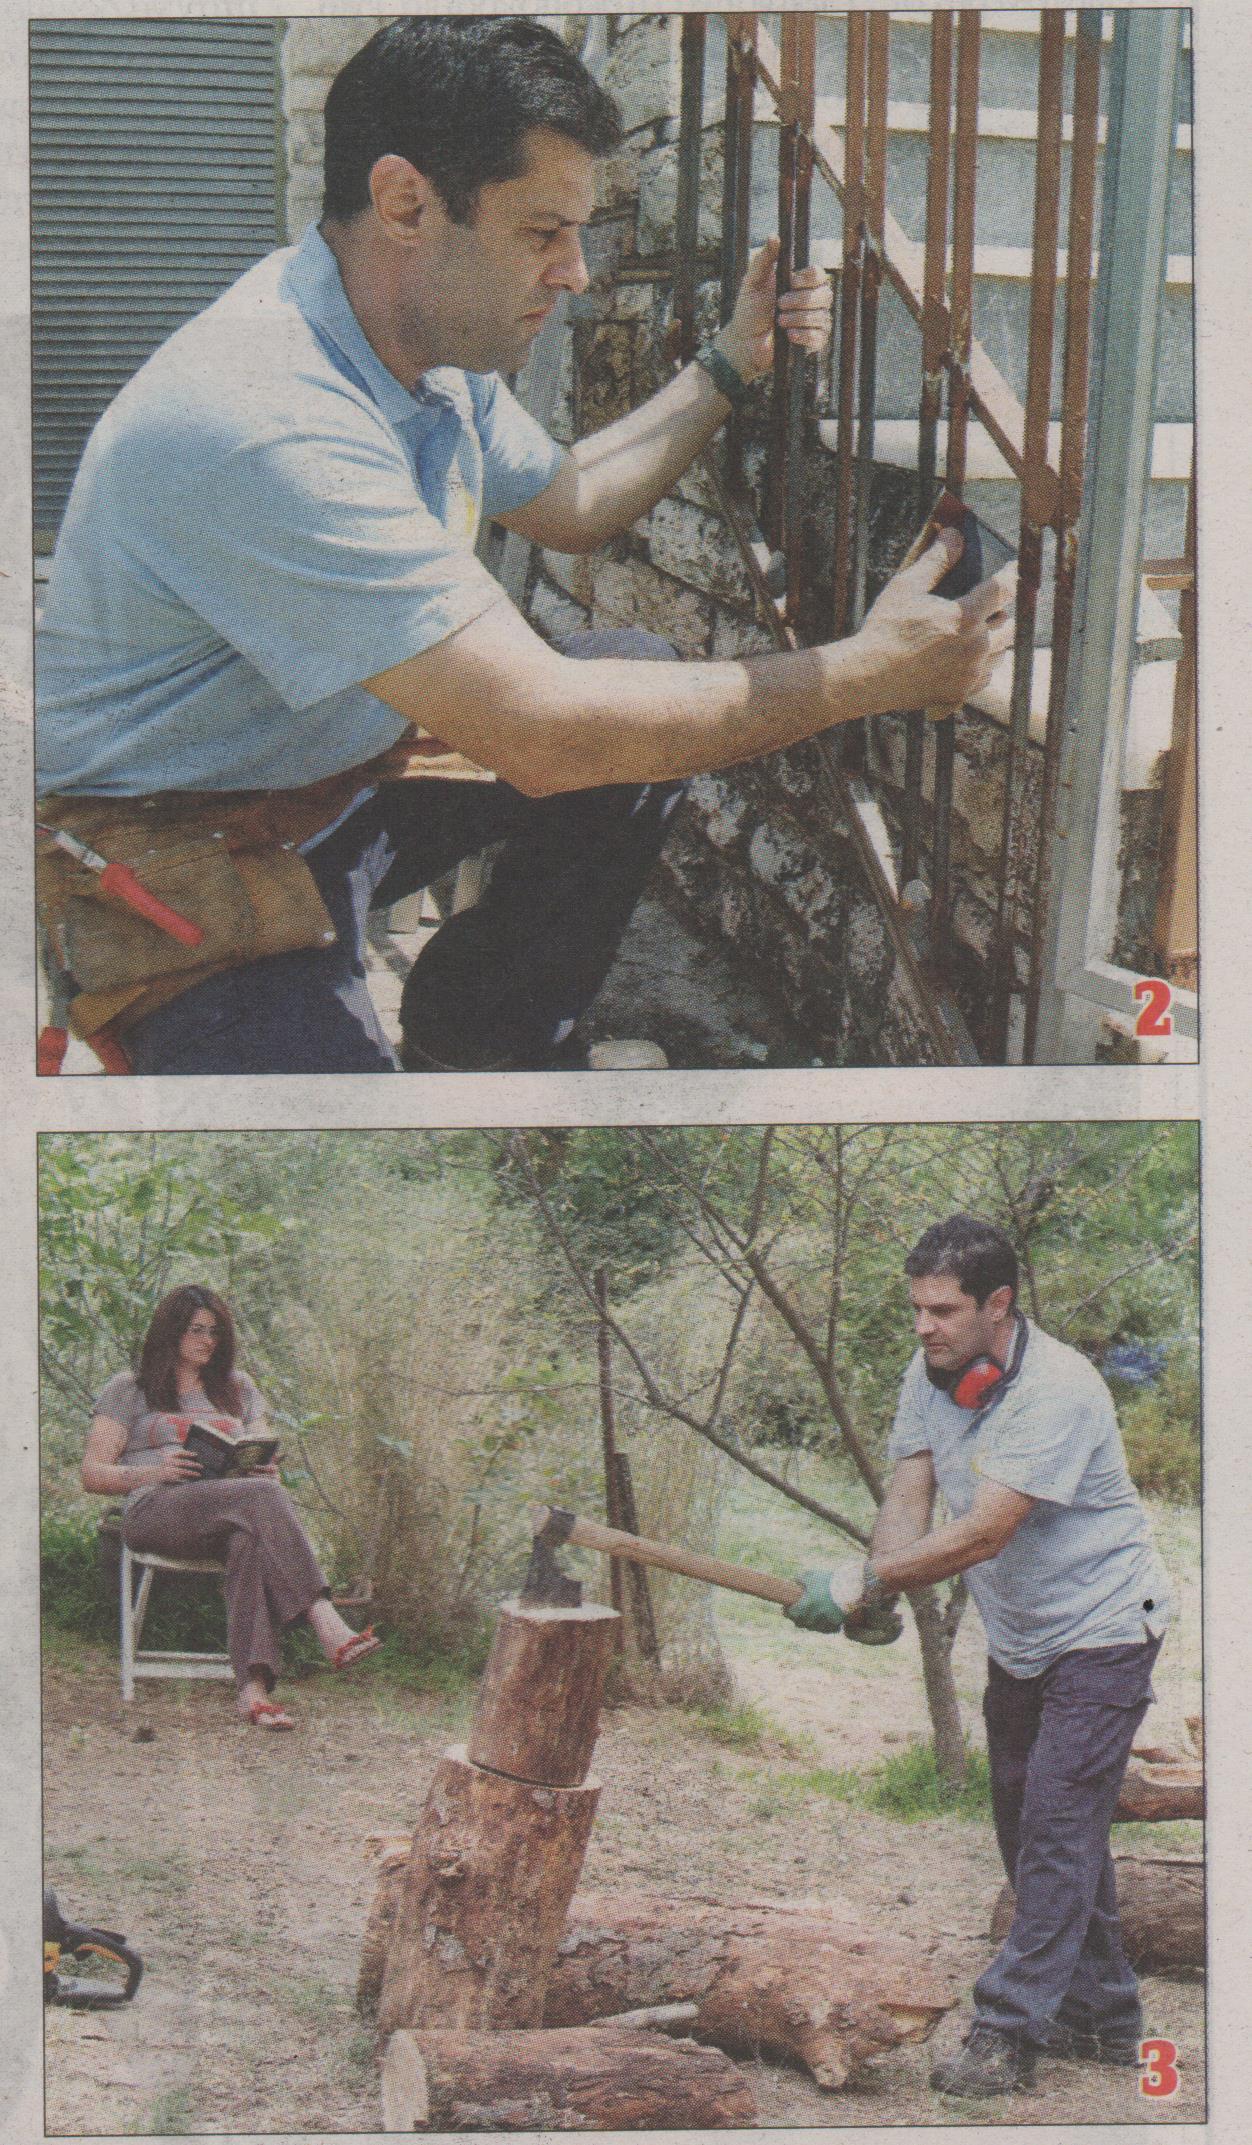 Νέα μόδα: Ενοικιαζόμενοι σύζυγοι για... [photos] - Φωτογραφία 2